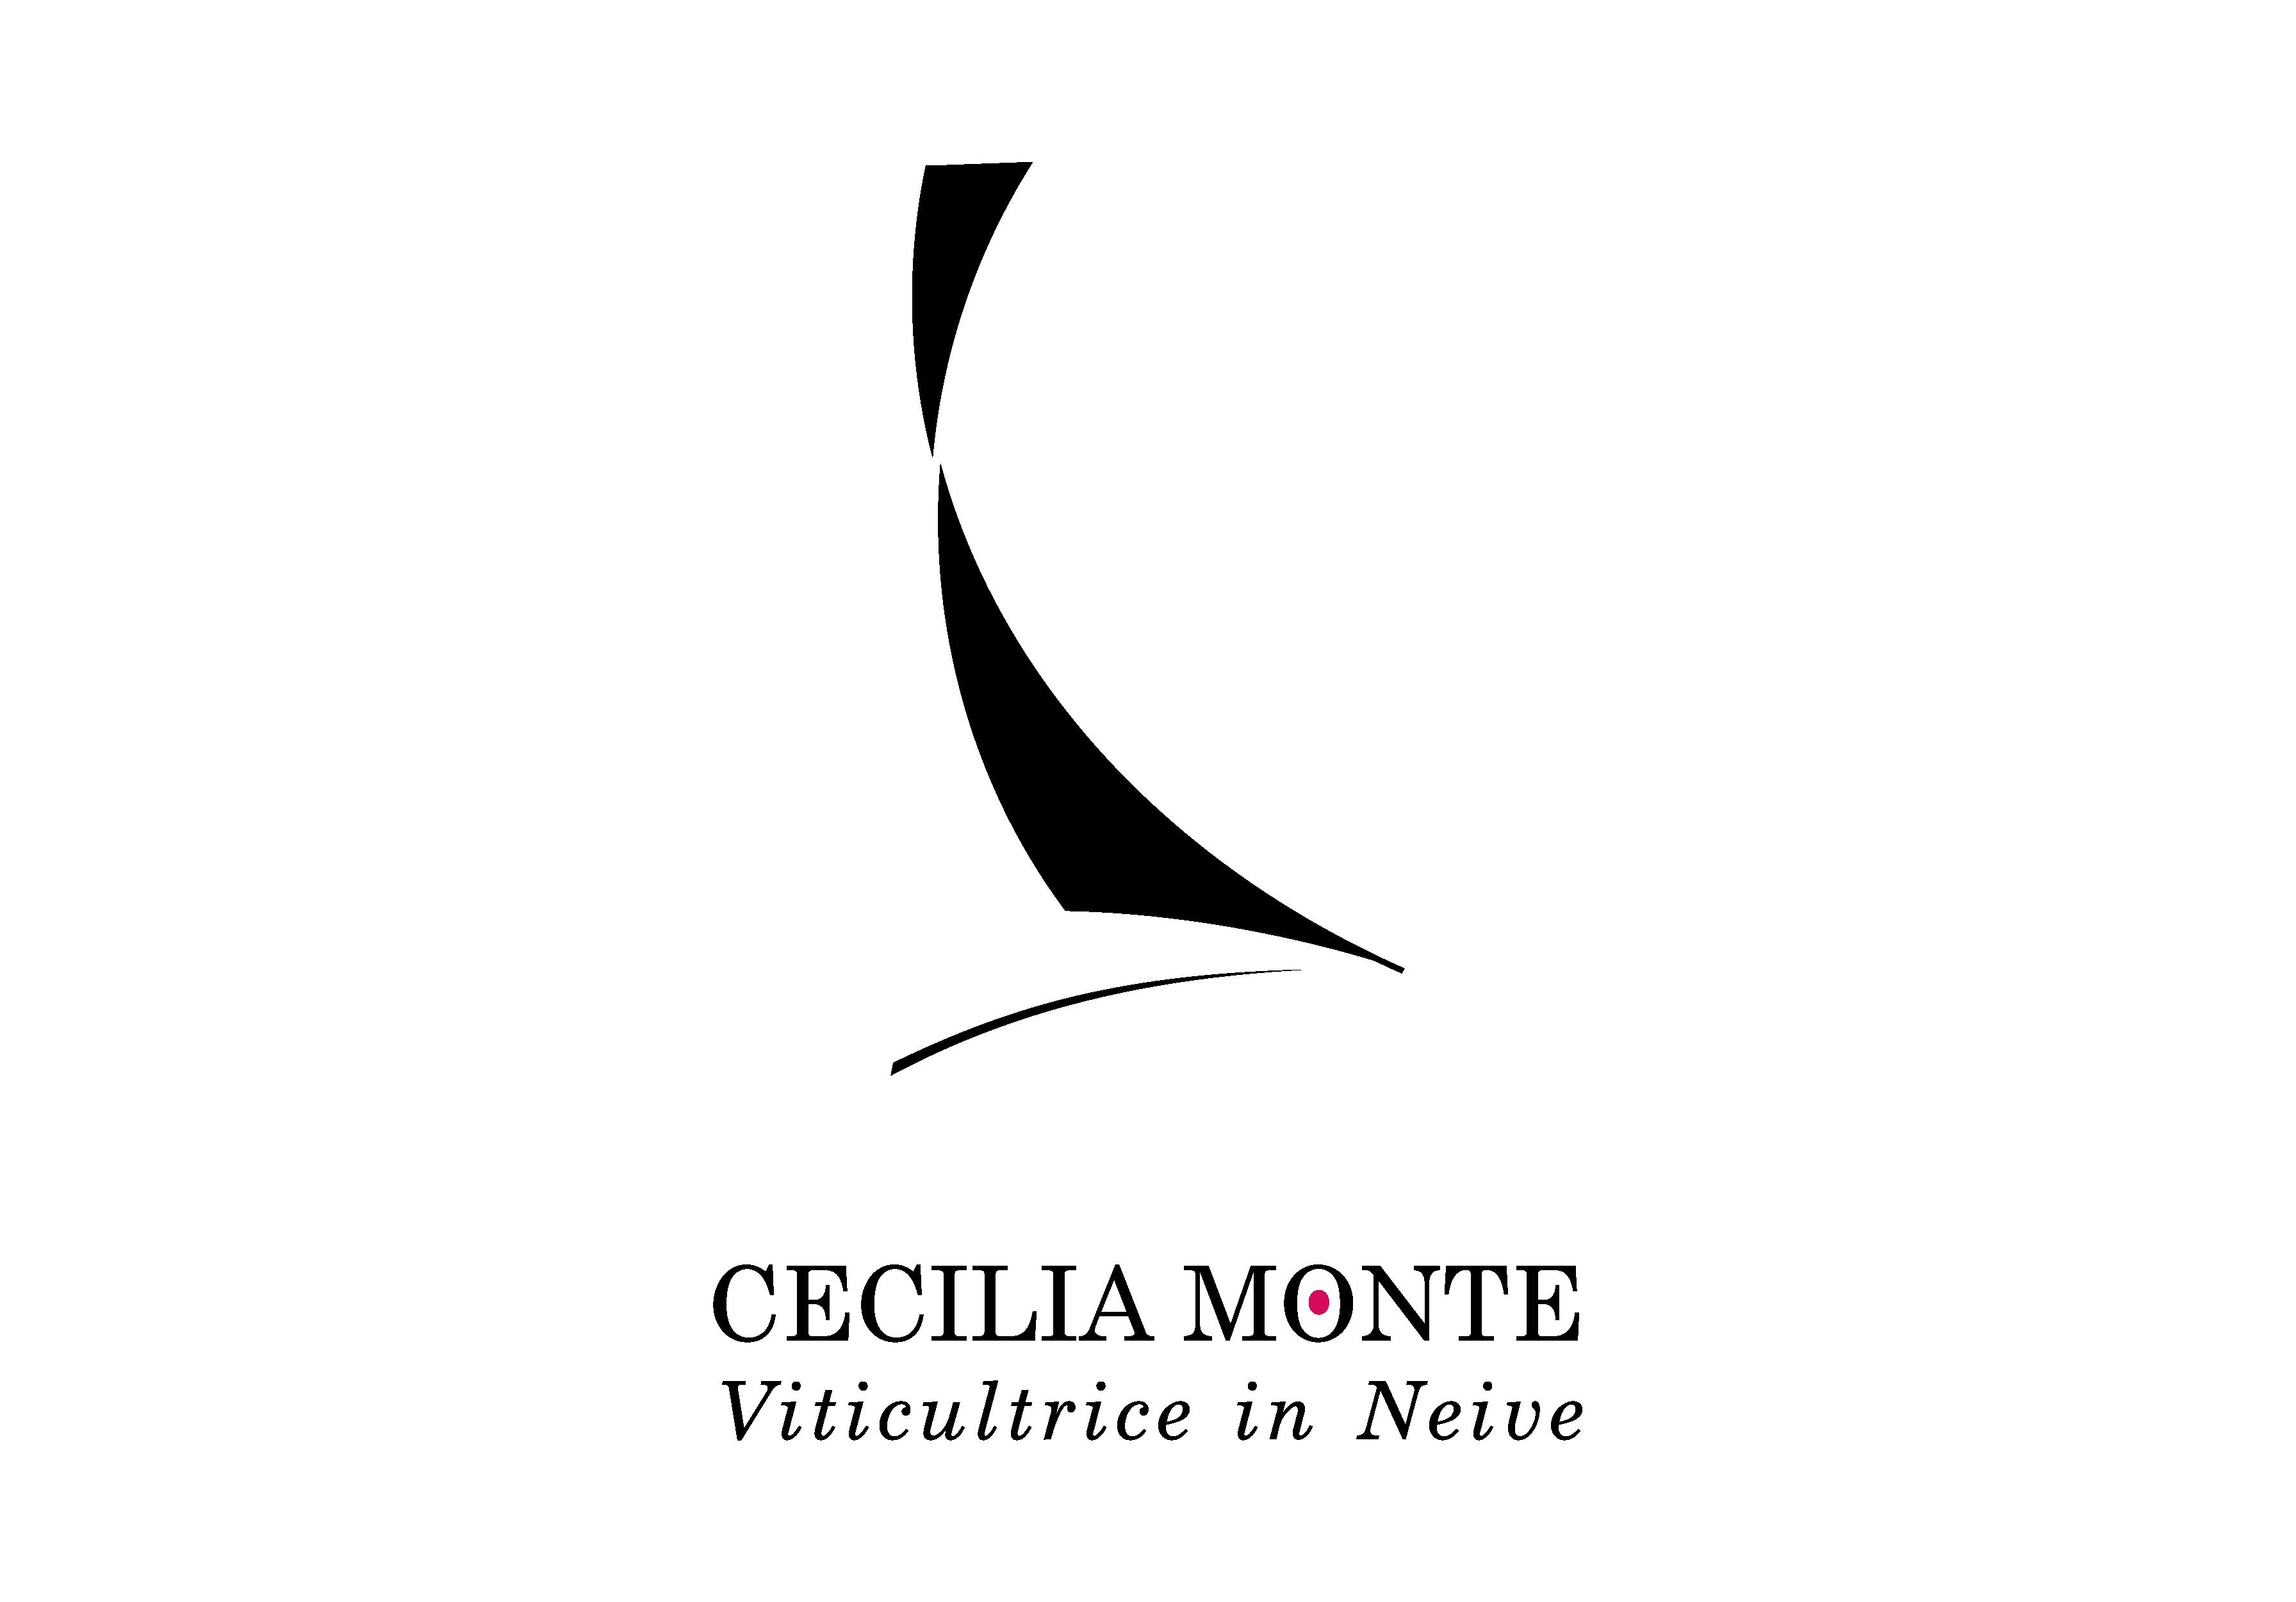 cecilia monte logo